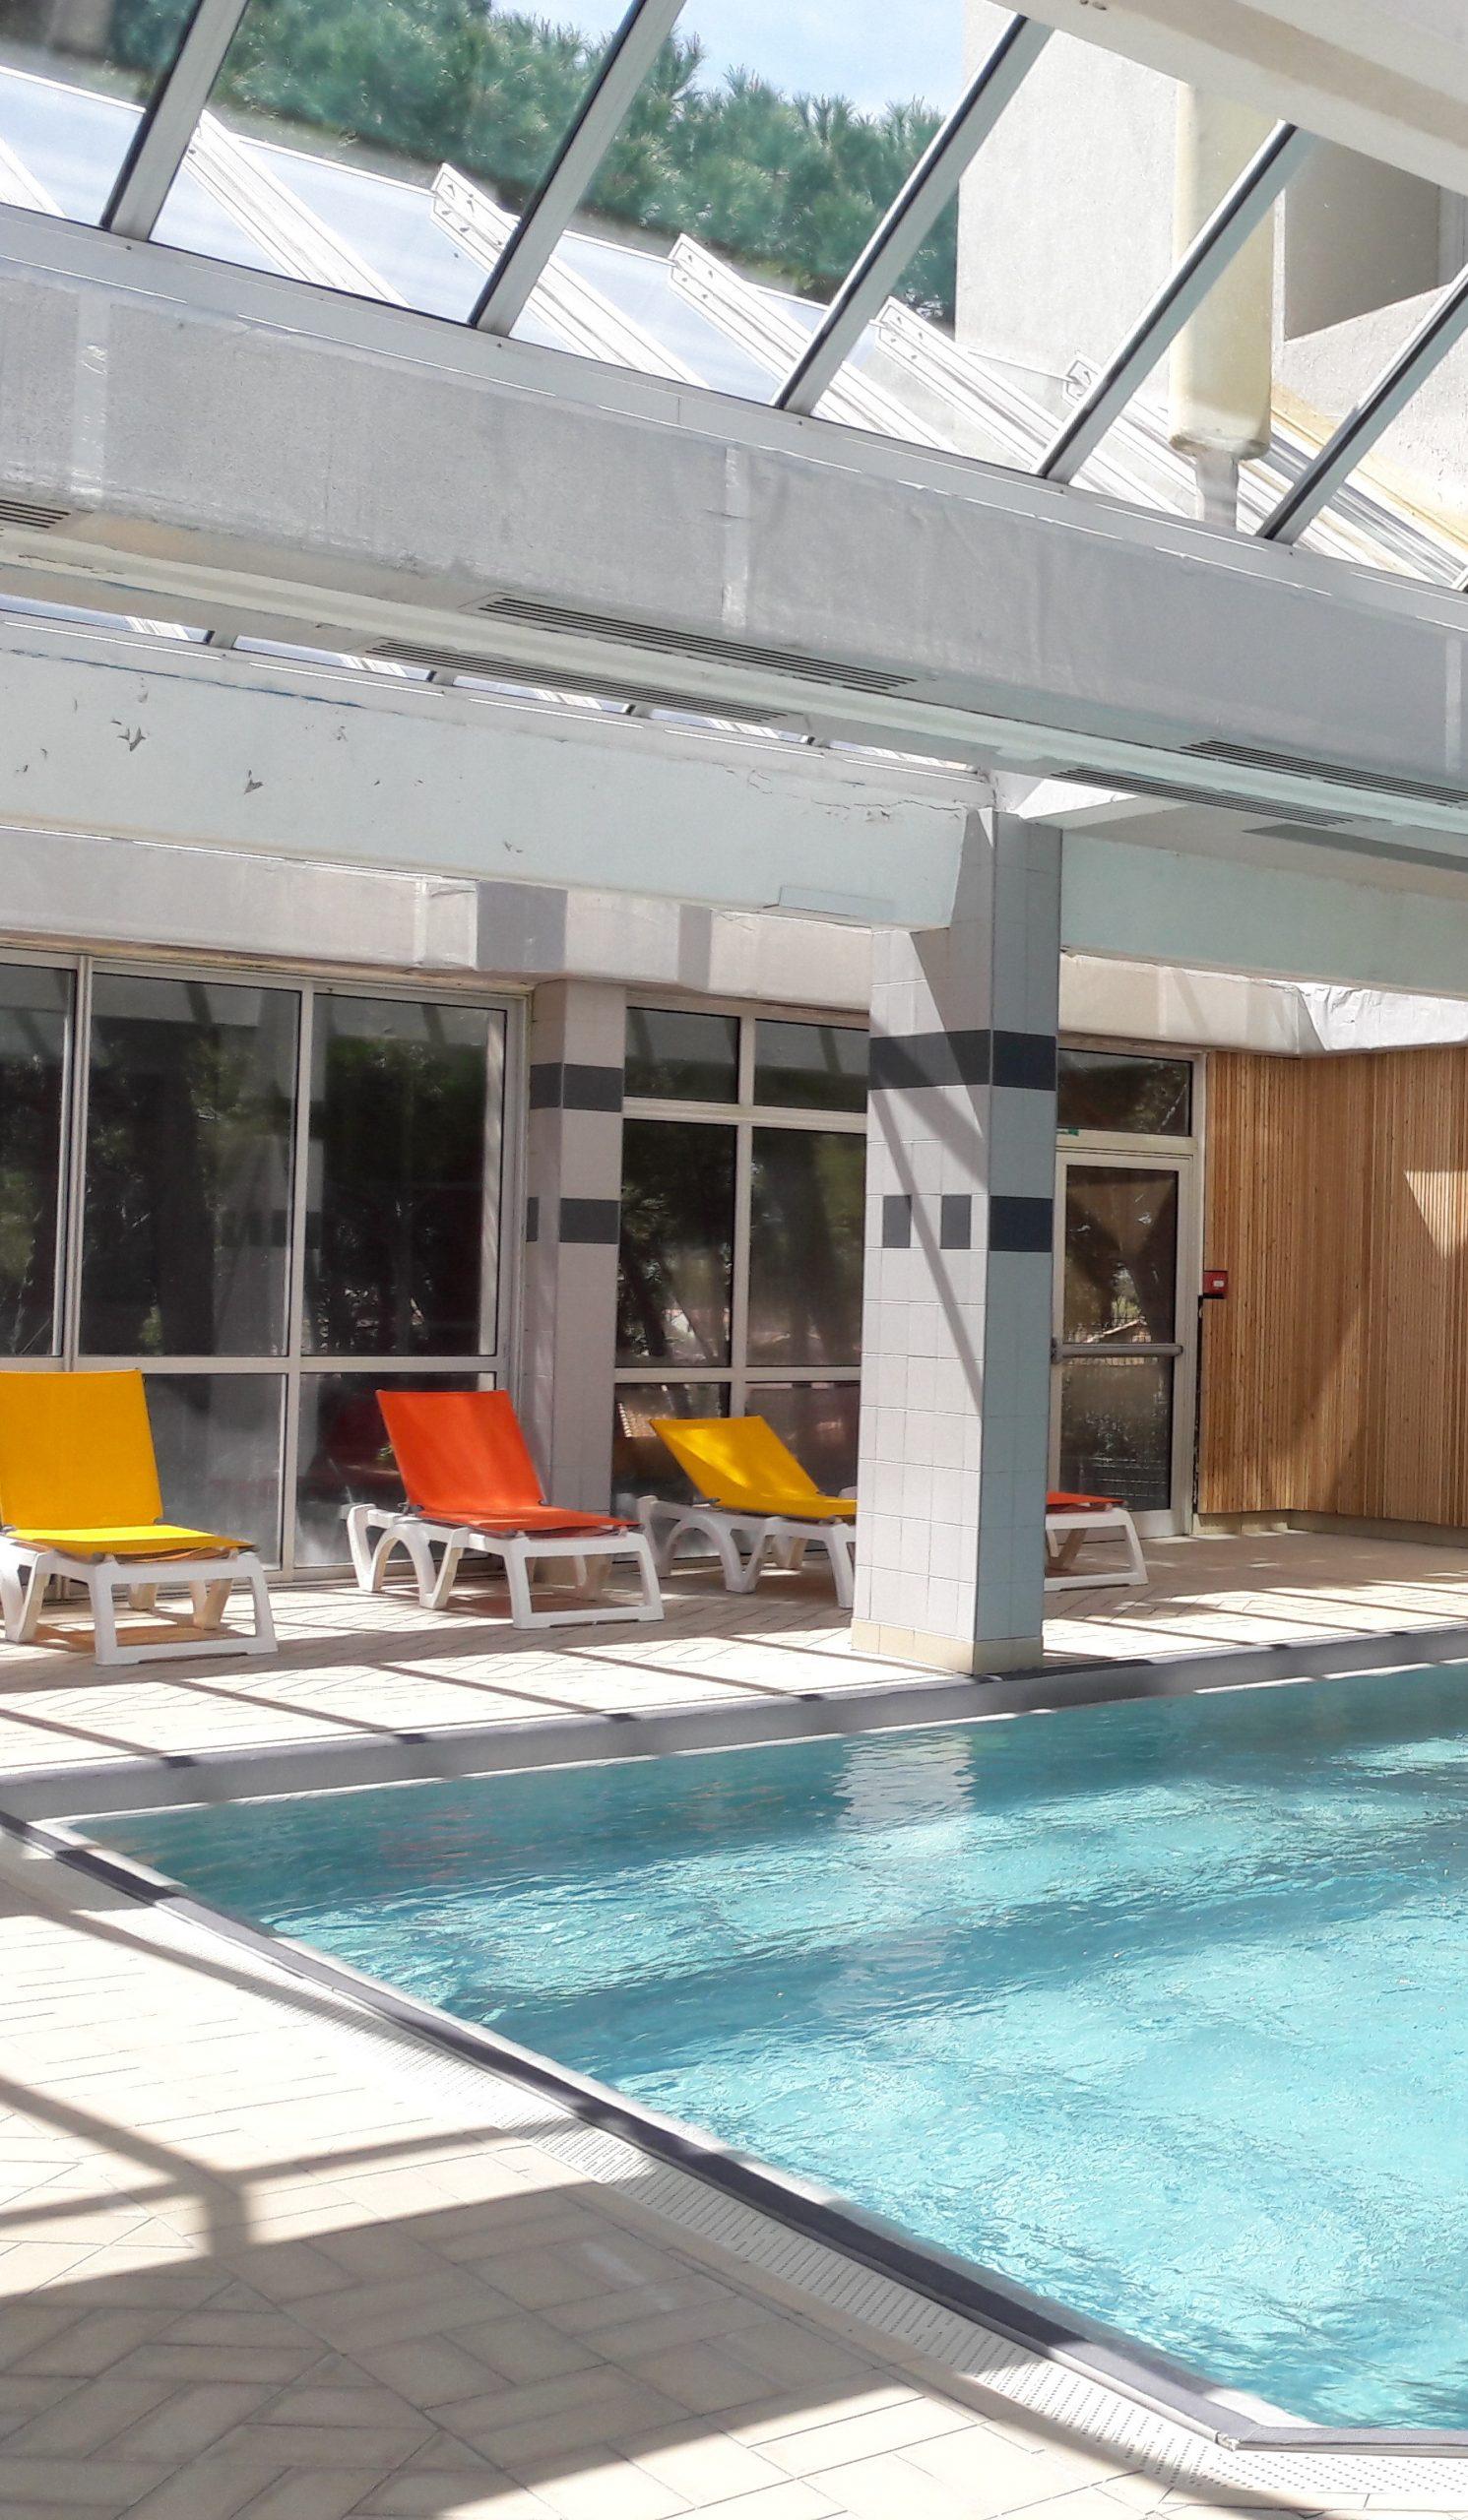 Balneotherapy Center, Hôtel Ibis Sète, Balaruc Les Bains concernant Piscine Sete